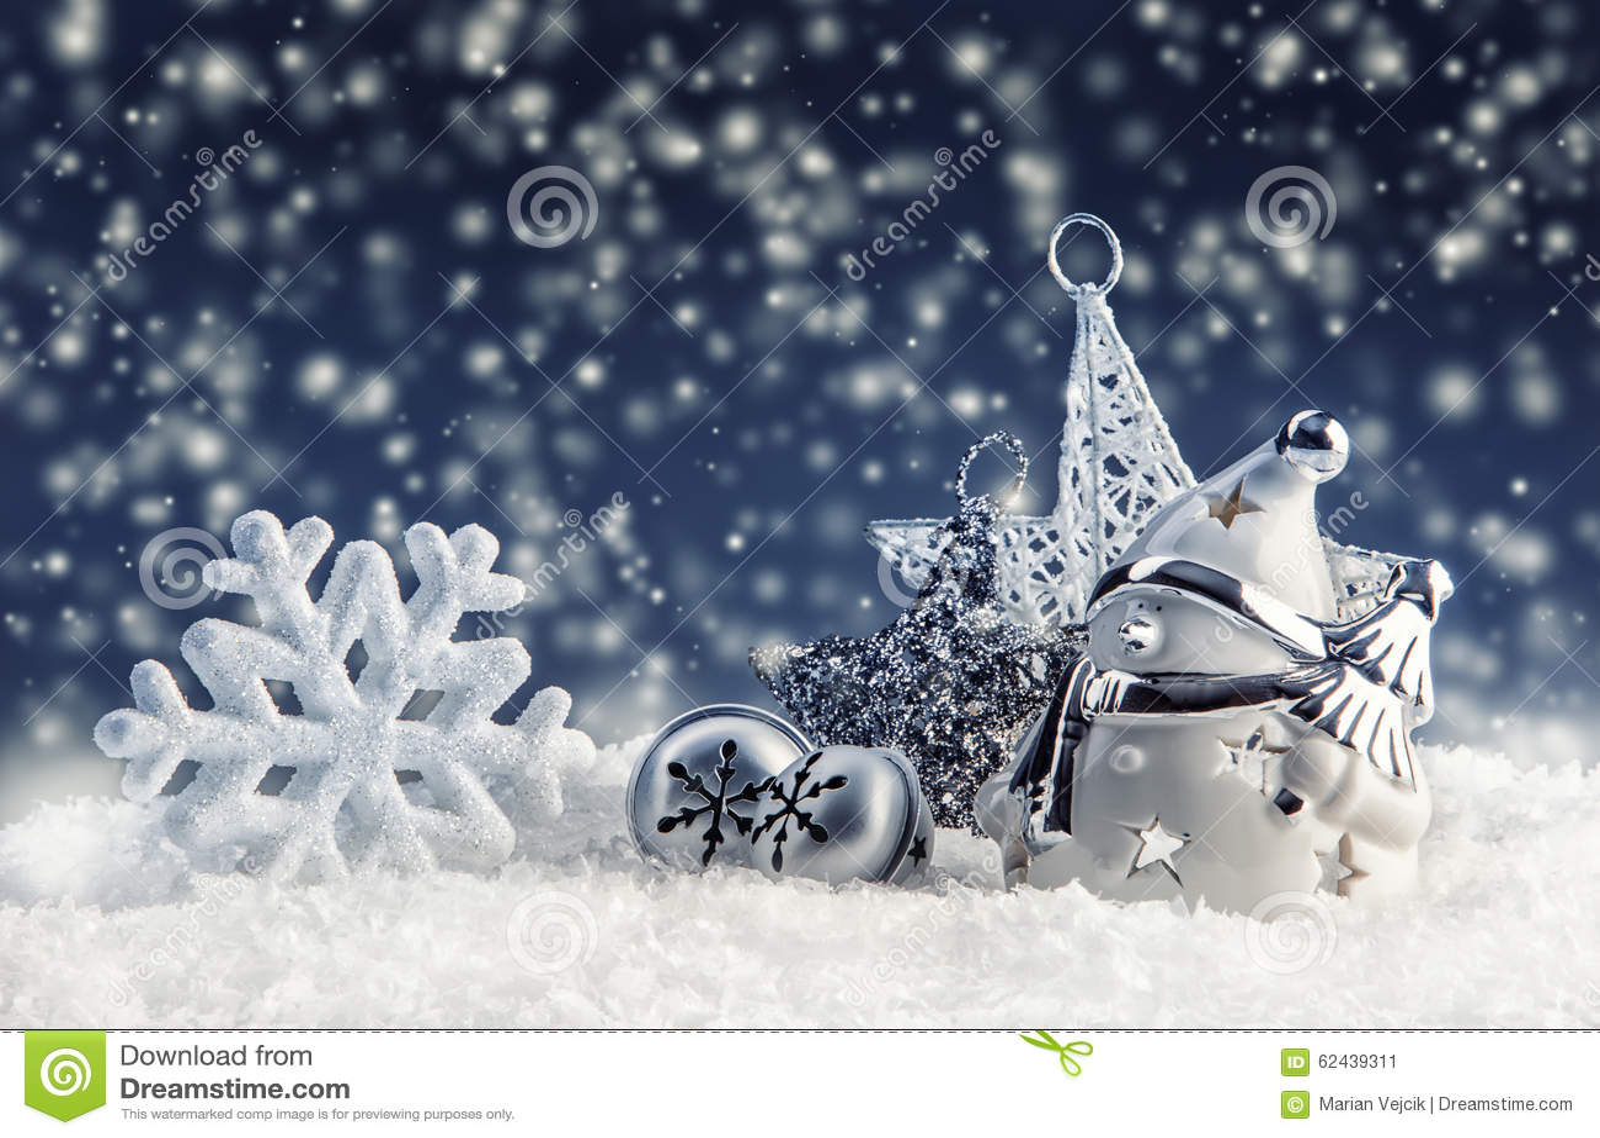 Schneemann mit Weihnachtsdekoration und -verzierungen - Klingelglocken spielen Schneeflocken in der schneebedeckten Atmosphäre di